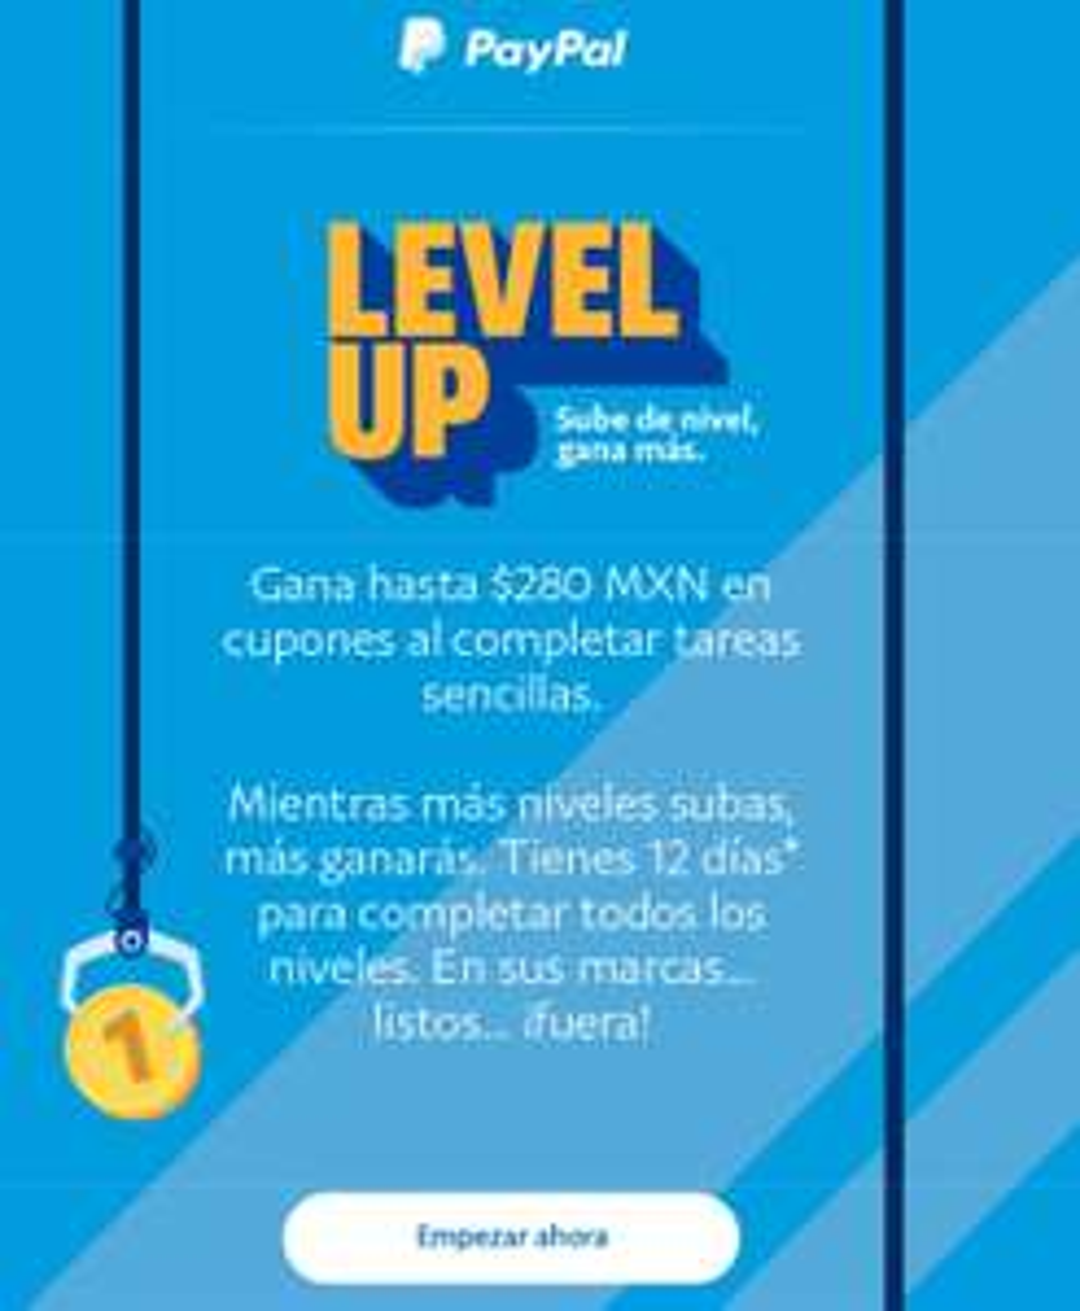 Paypal: LevelUp. Gana hasta $280 pesos en cupones (usuarios seleccionados)